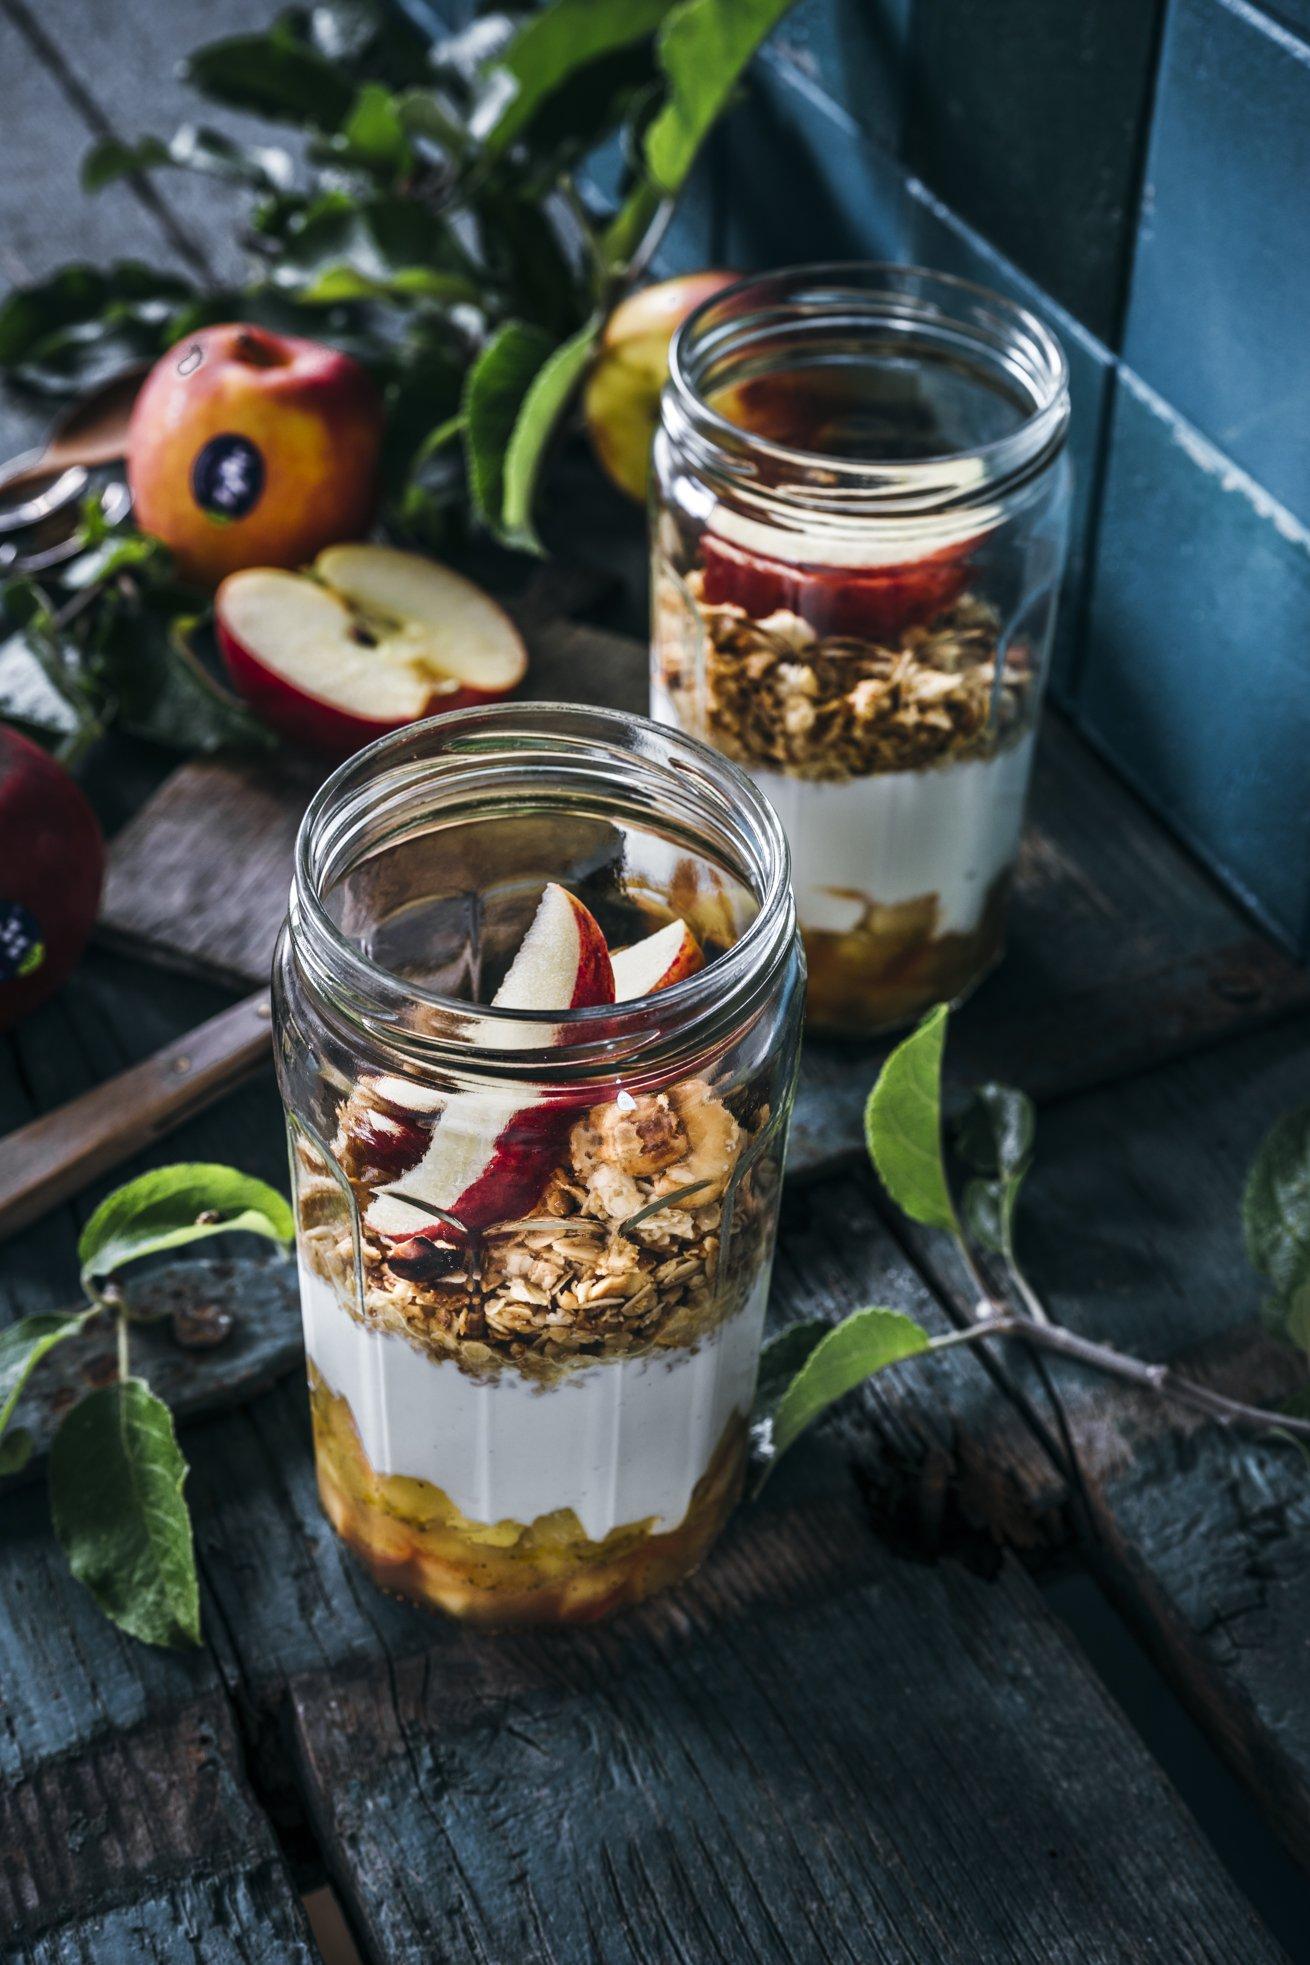 Healthy Snack oder Frühstück für unterwegs. Apfelkompott mit Joghurt und Honig Granola. Meap Prep geeignet.